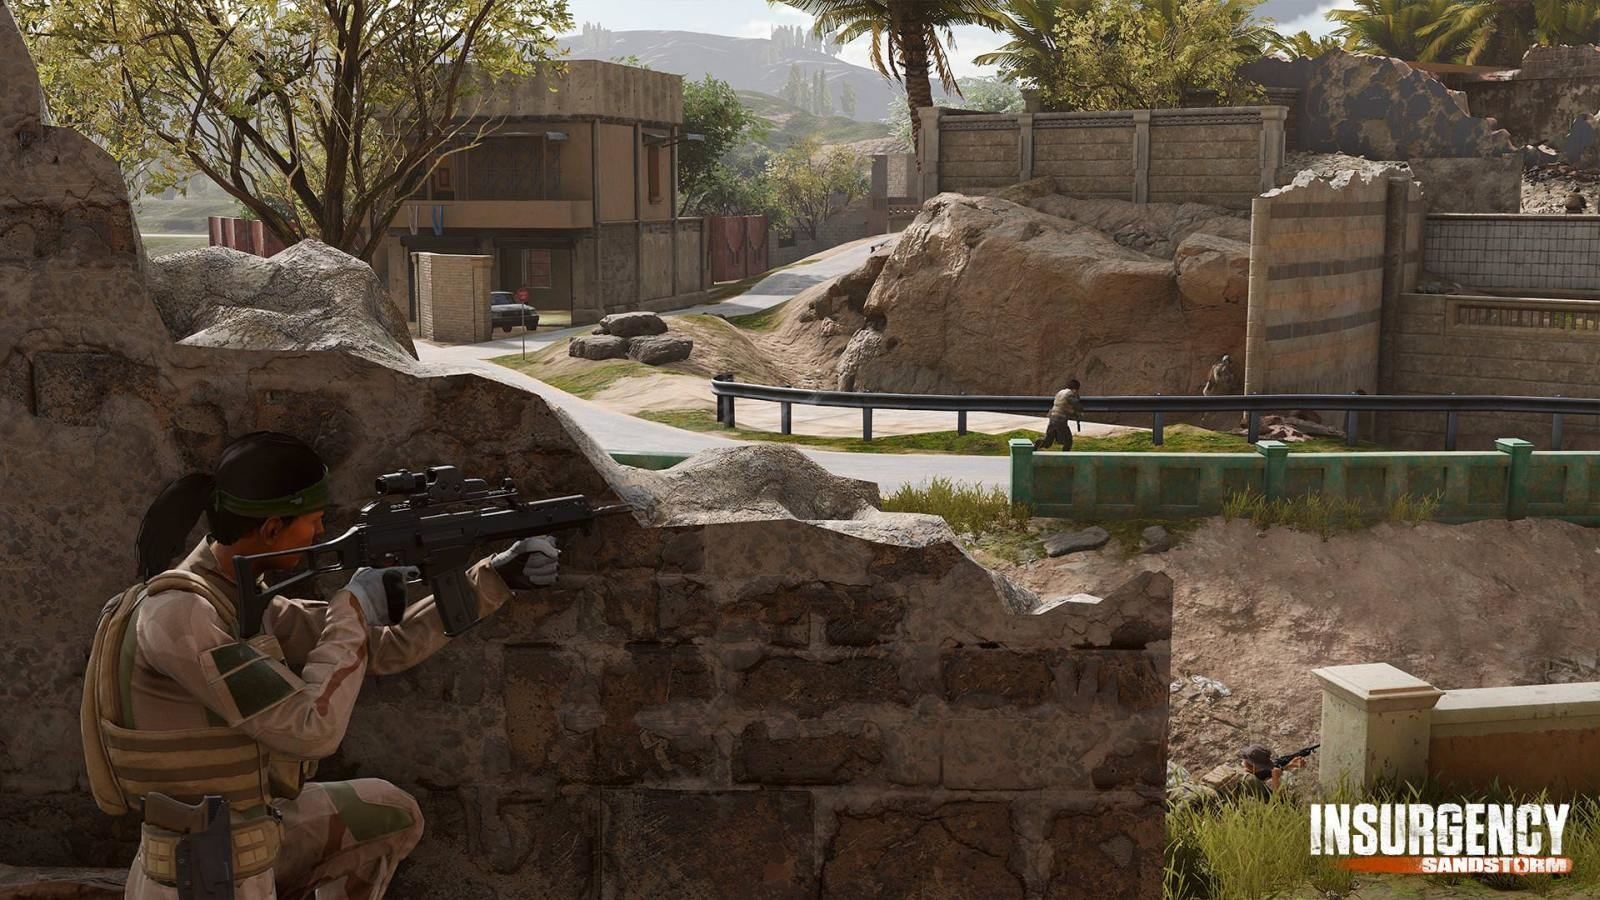 Nejočekávanější hry v prosinec 2018; Insurgency: Sandstorm, screenshot: krytí